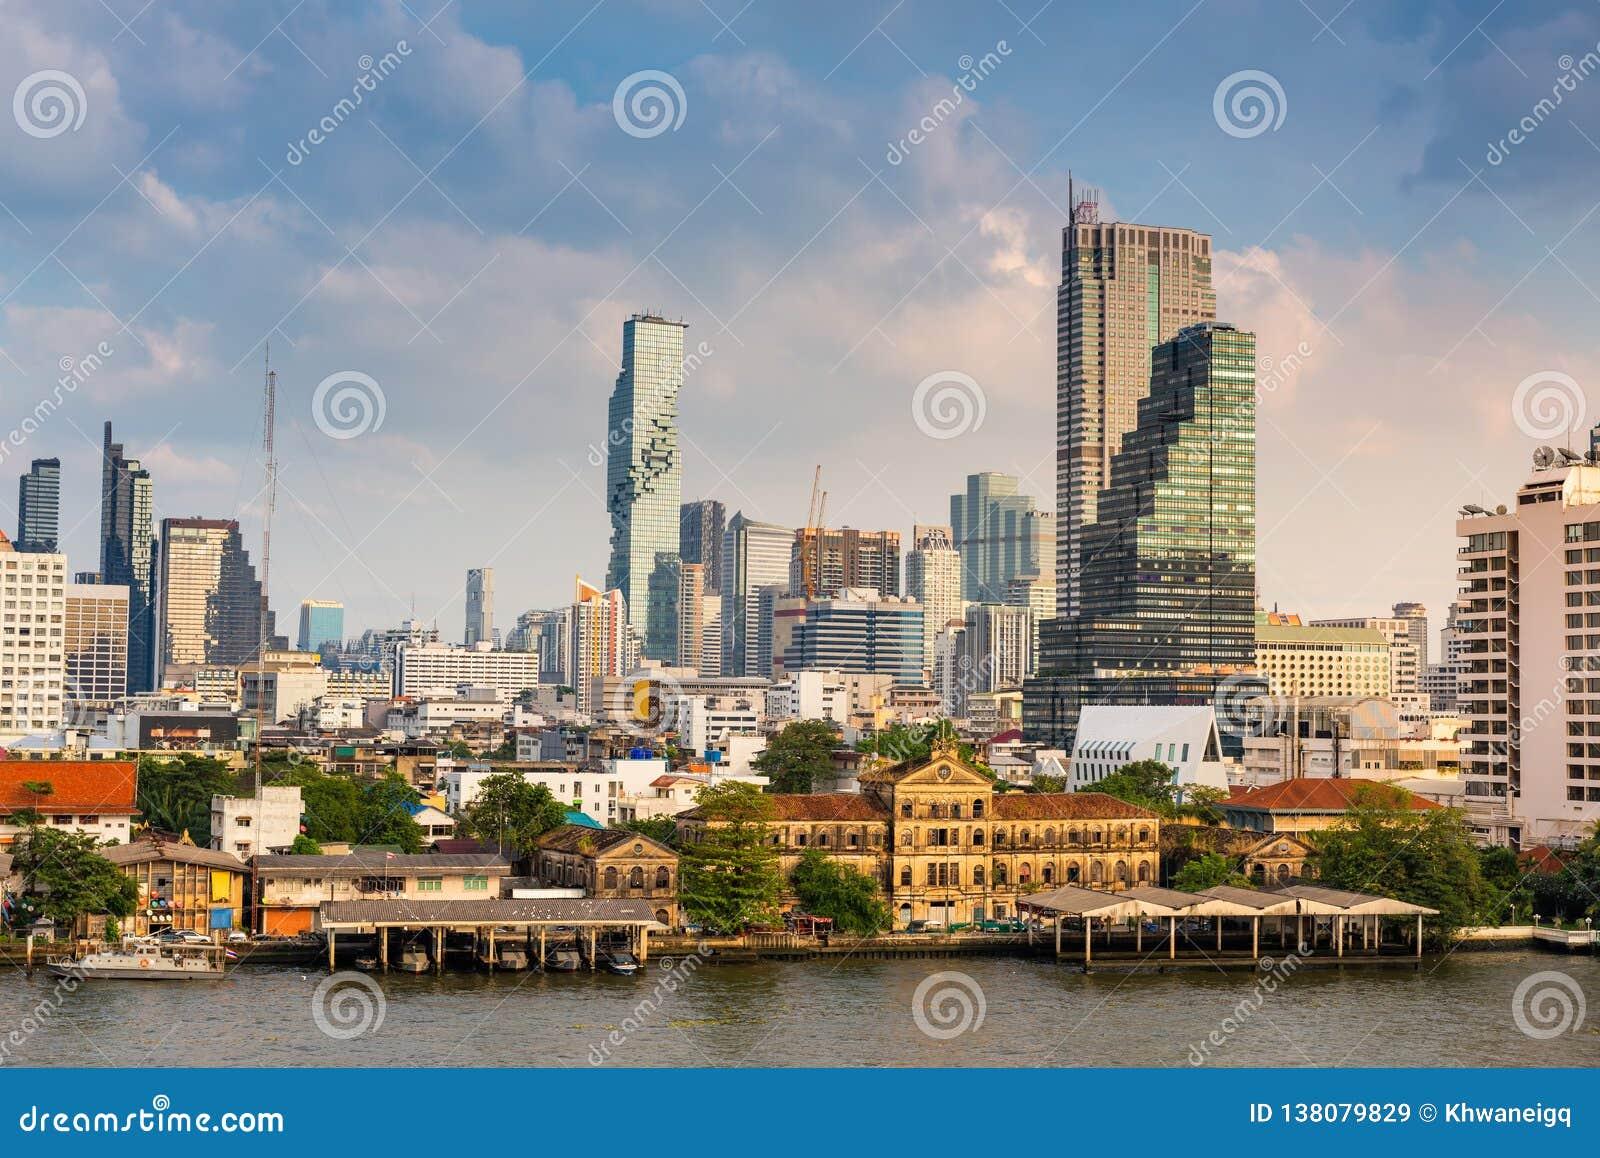 Pejzaż miejski Bangkok miasto i drapacz chmur budynki Tajlandia , krajobraz biznes i centrum finansowe Tajlandia ,